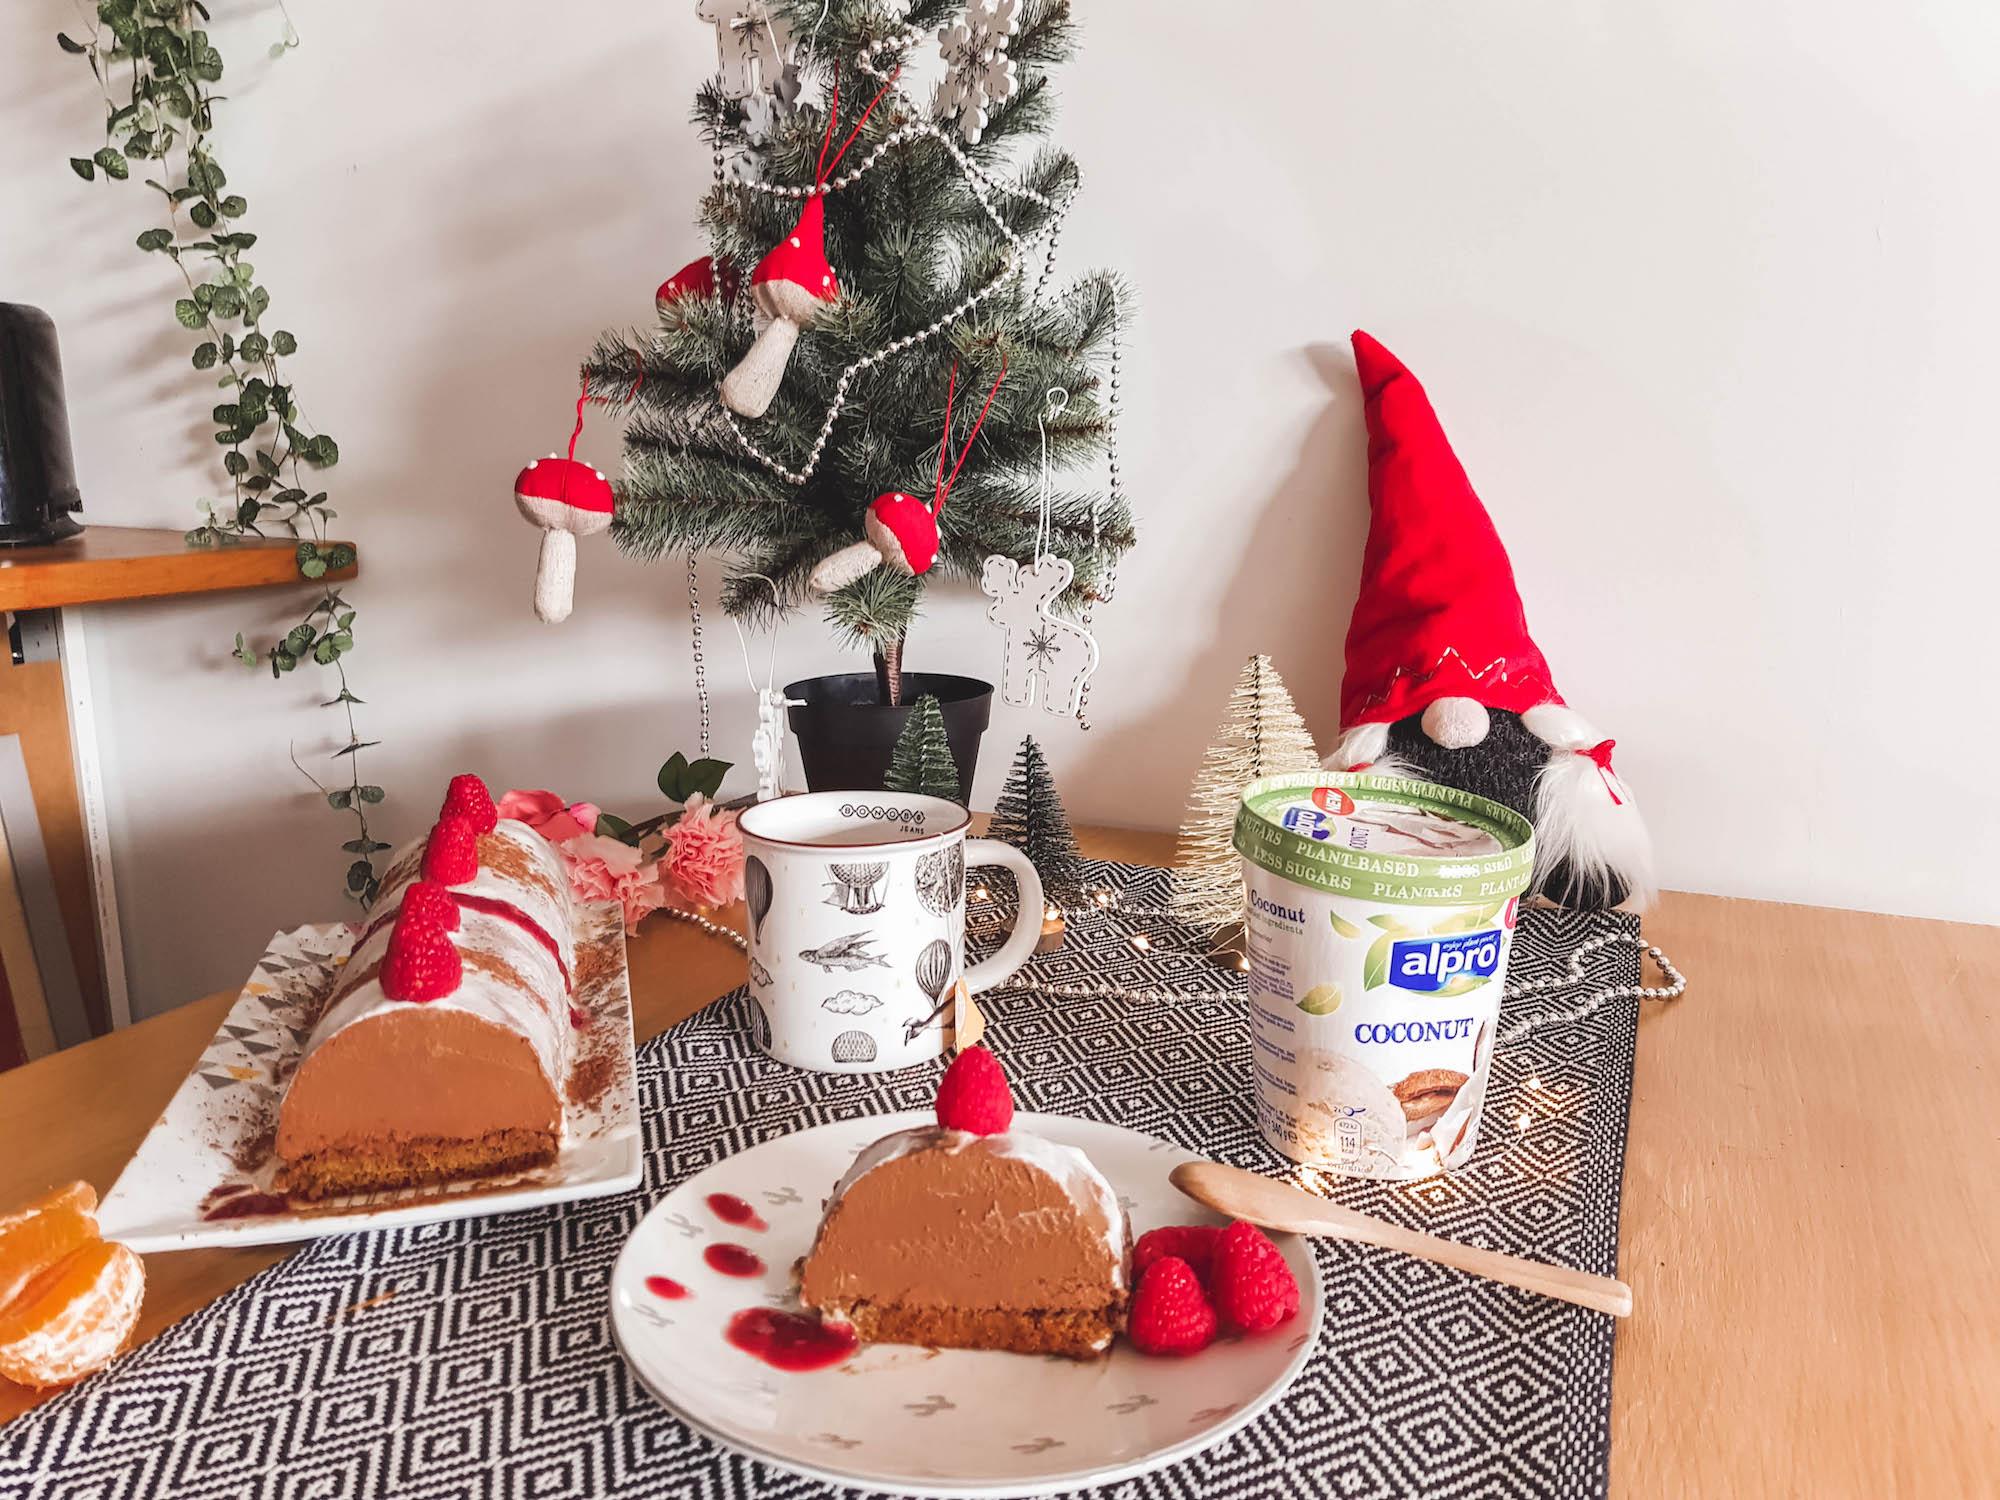 Noël: Recette Bûche Vegan Chocolat-Coco-Fruits Rouges